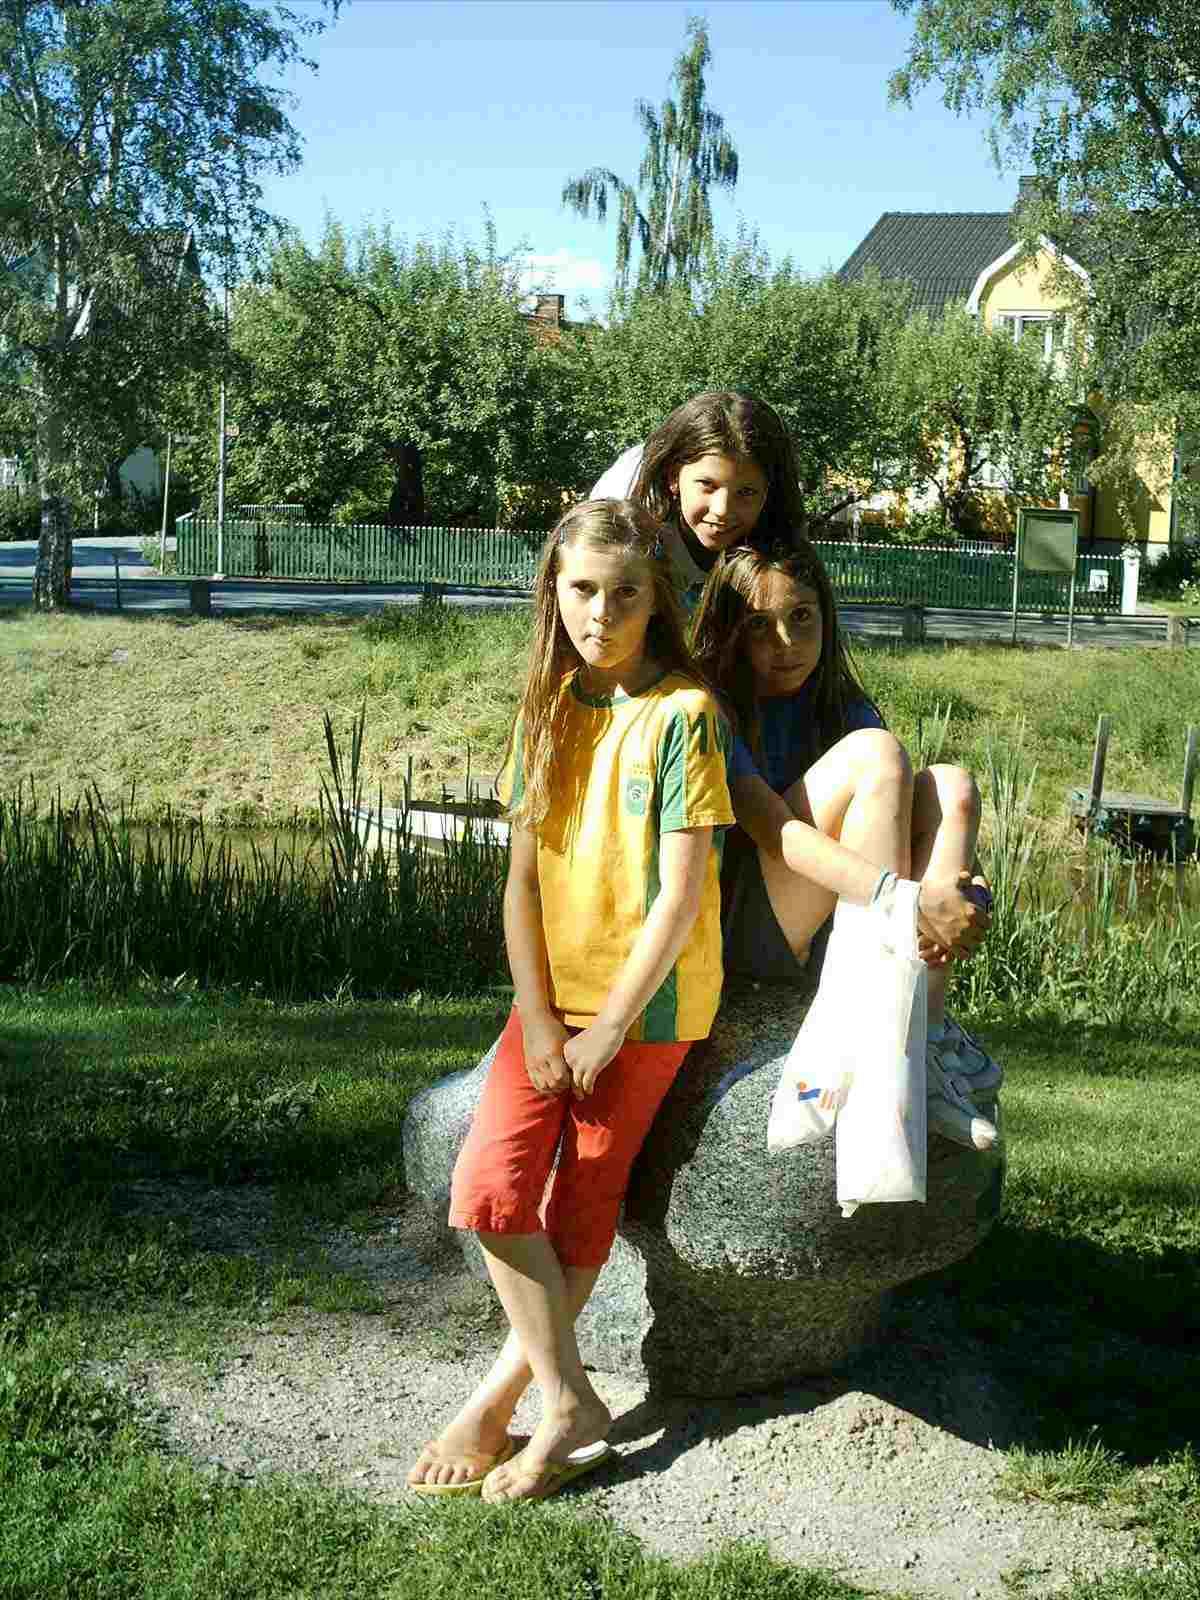 Amb la meva amiga Astrid a Örebro, Suècia